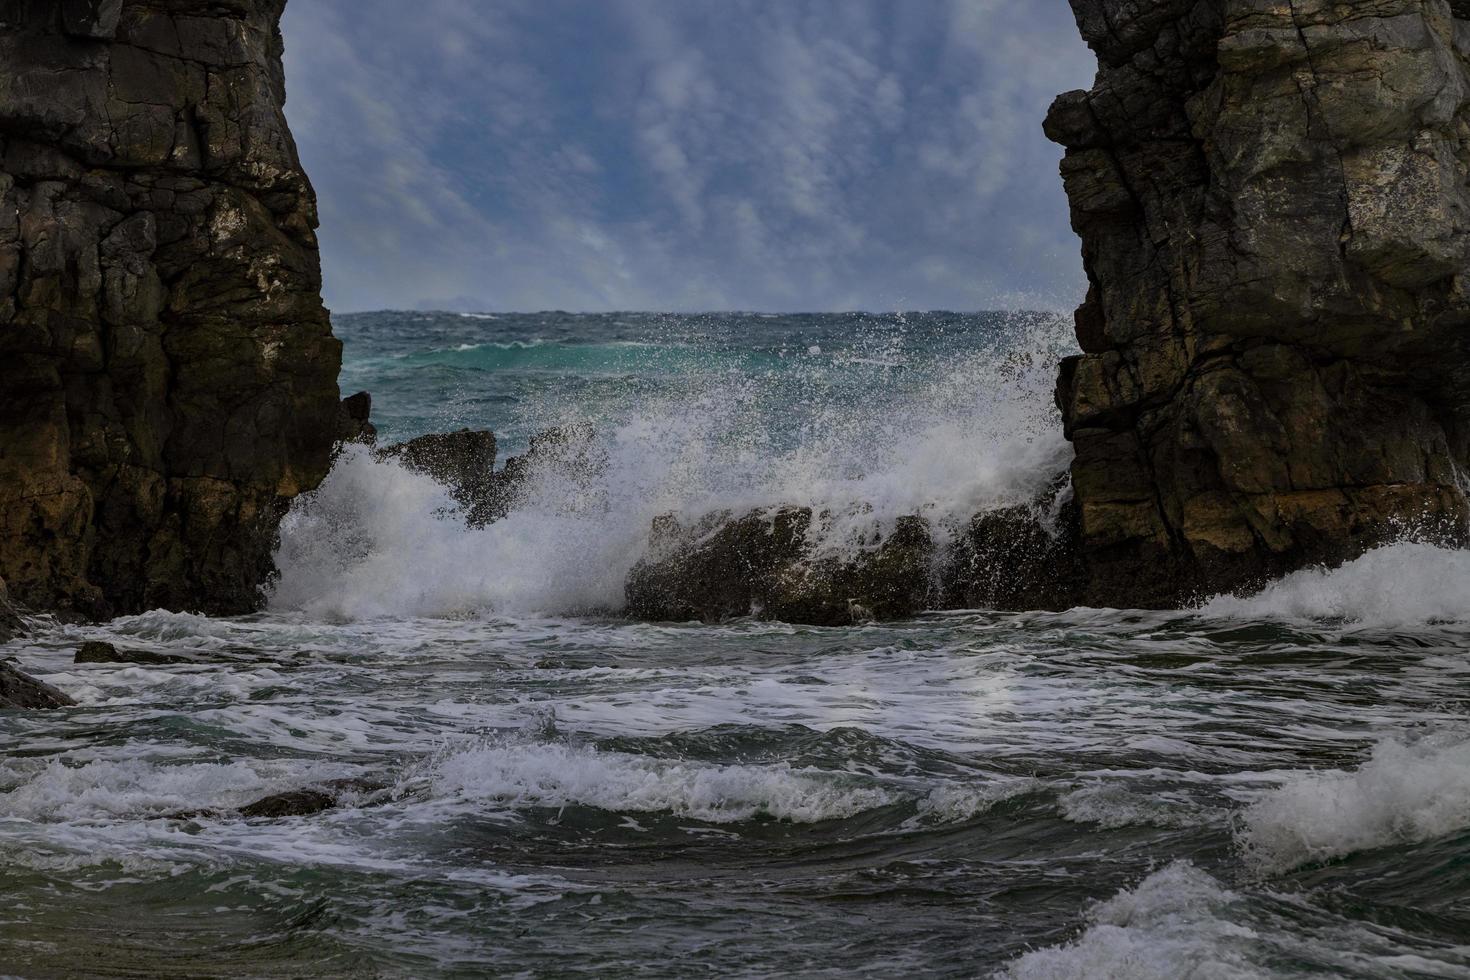 onde che si infrangono tra i pilastri di roccia foto